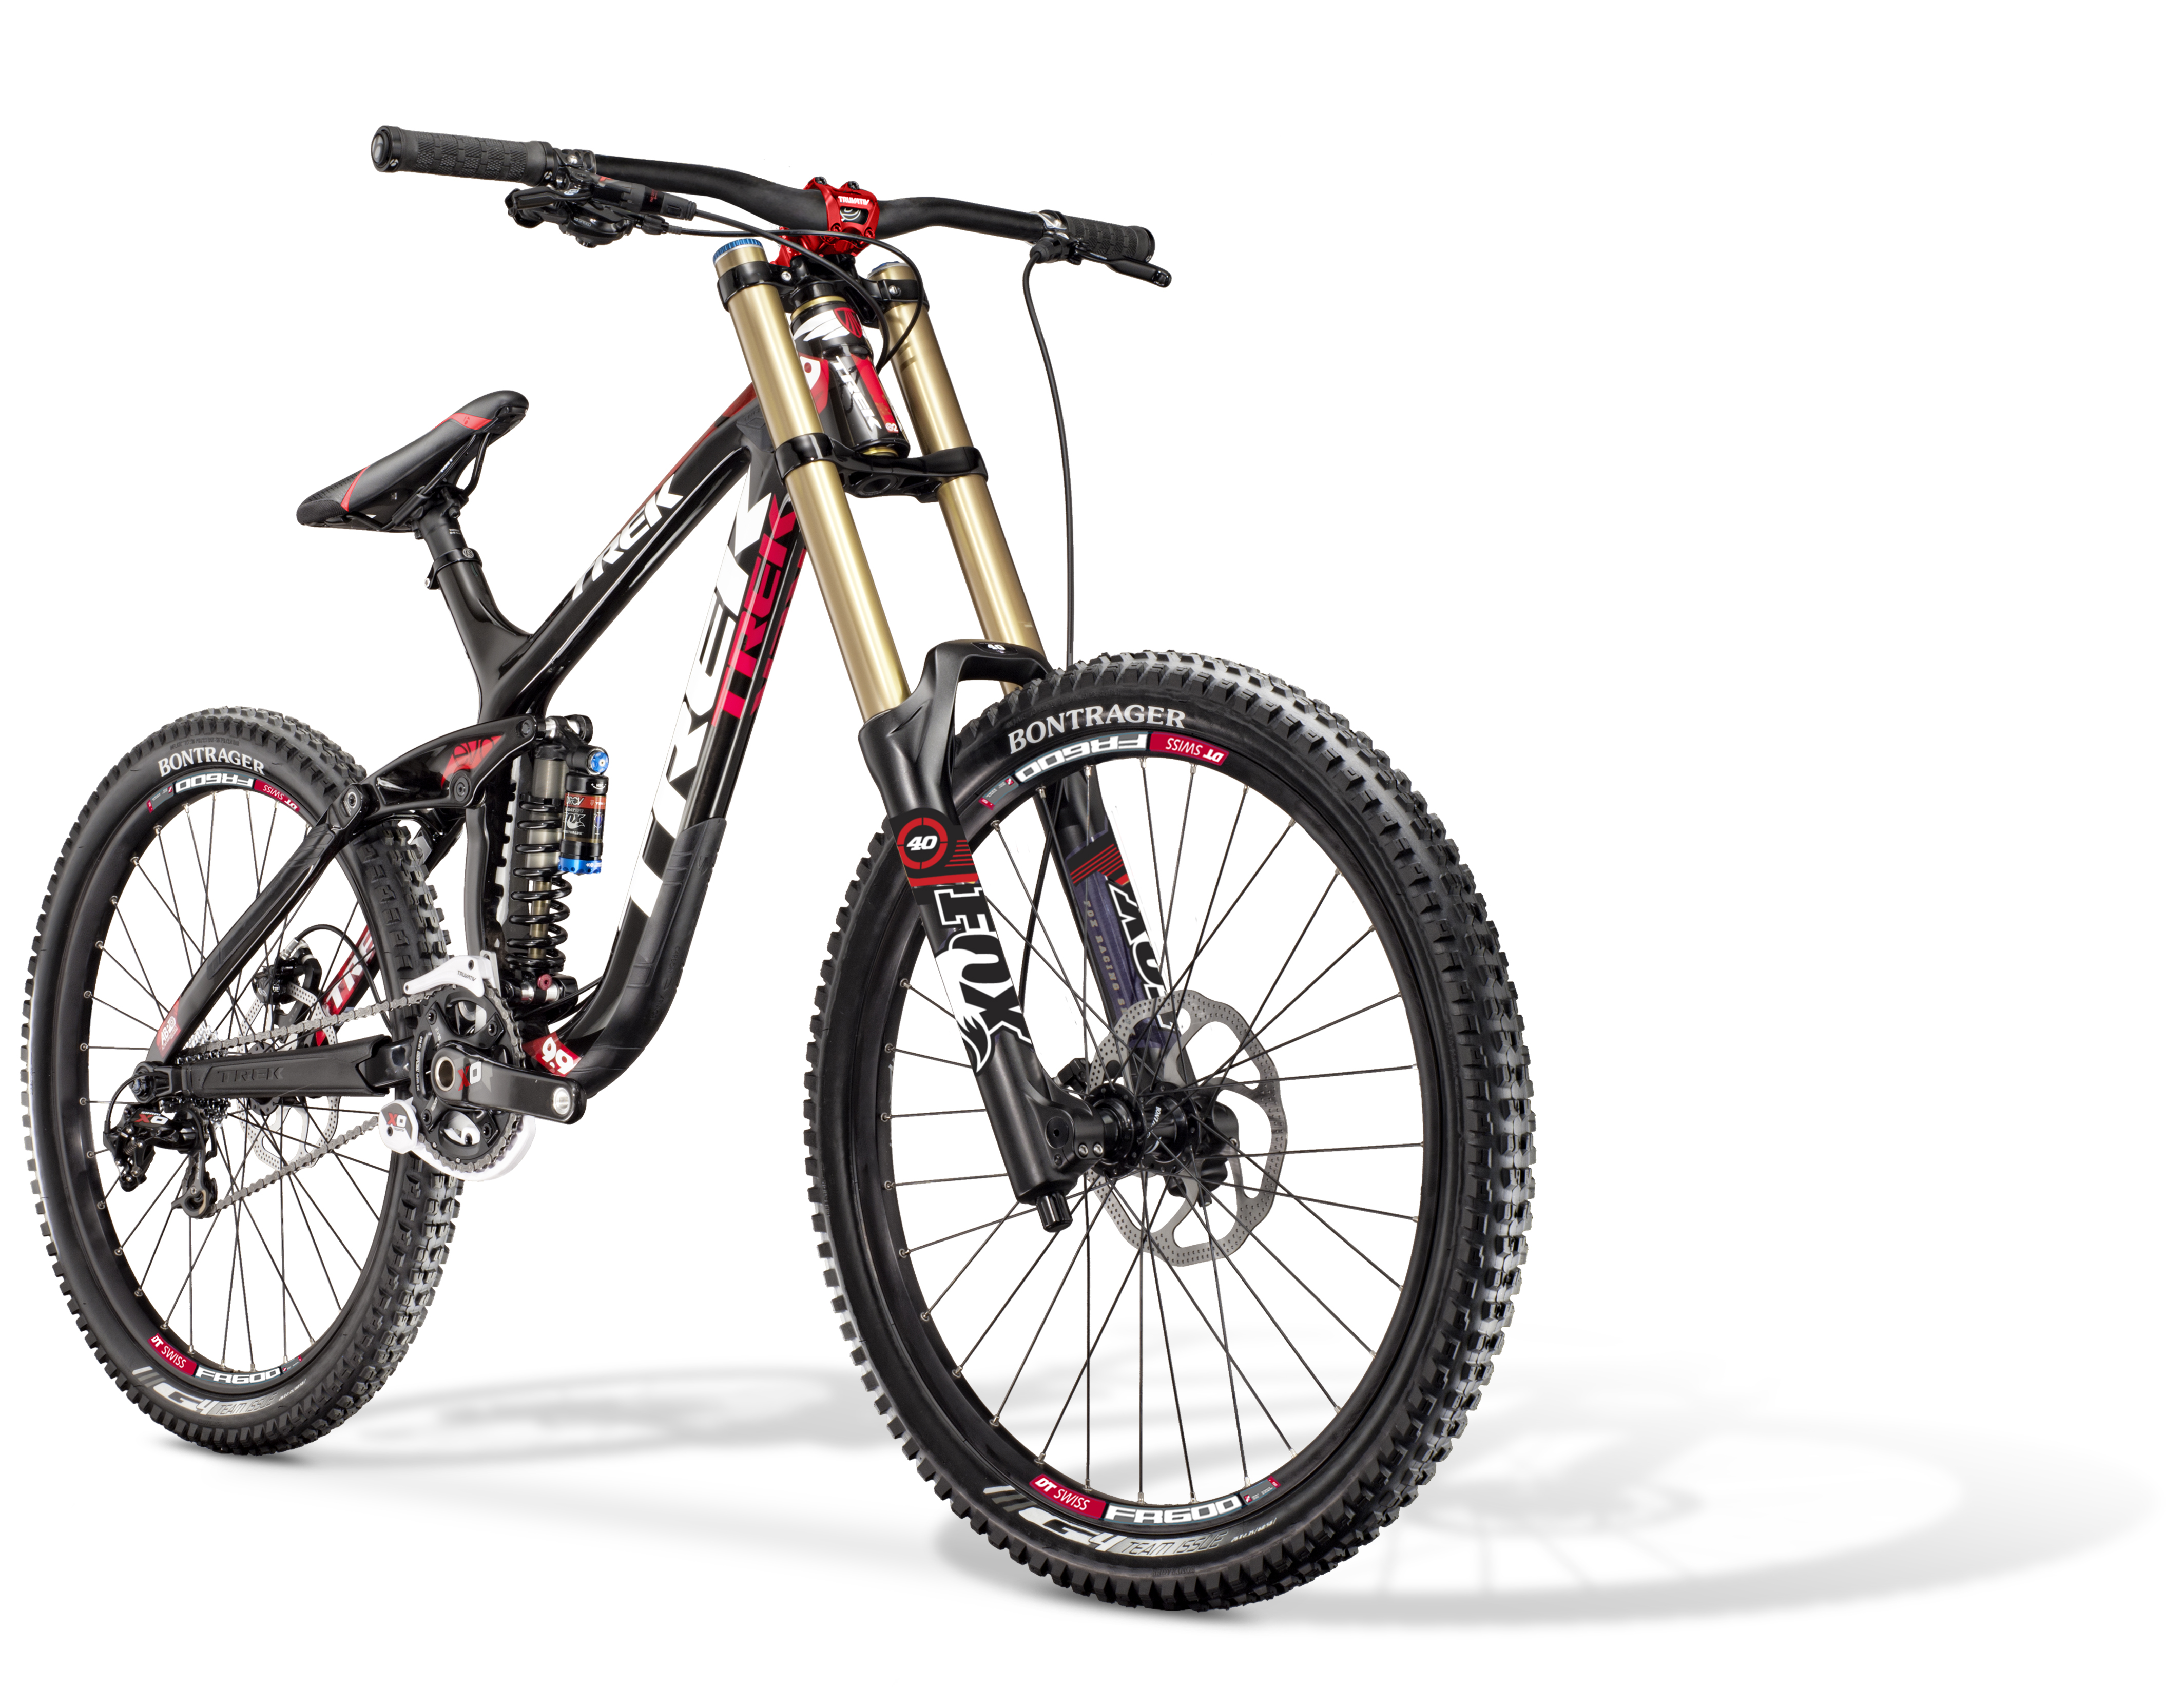 World's lightest DH bike